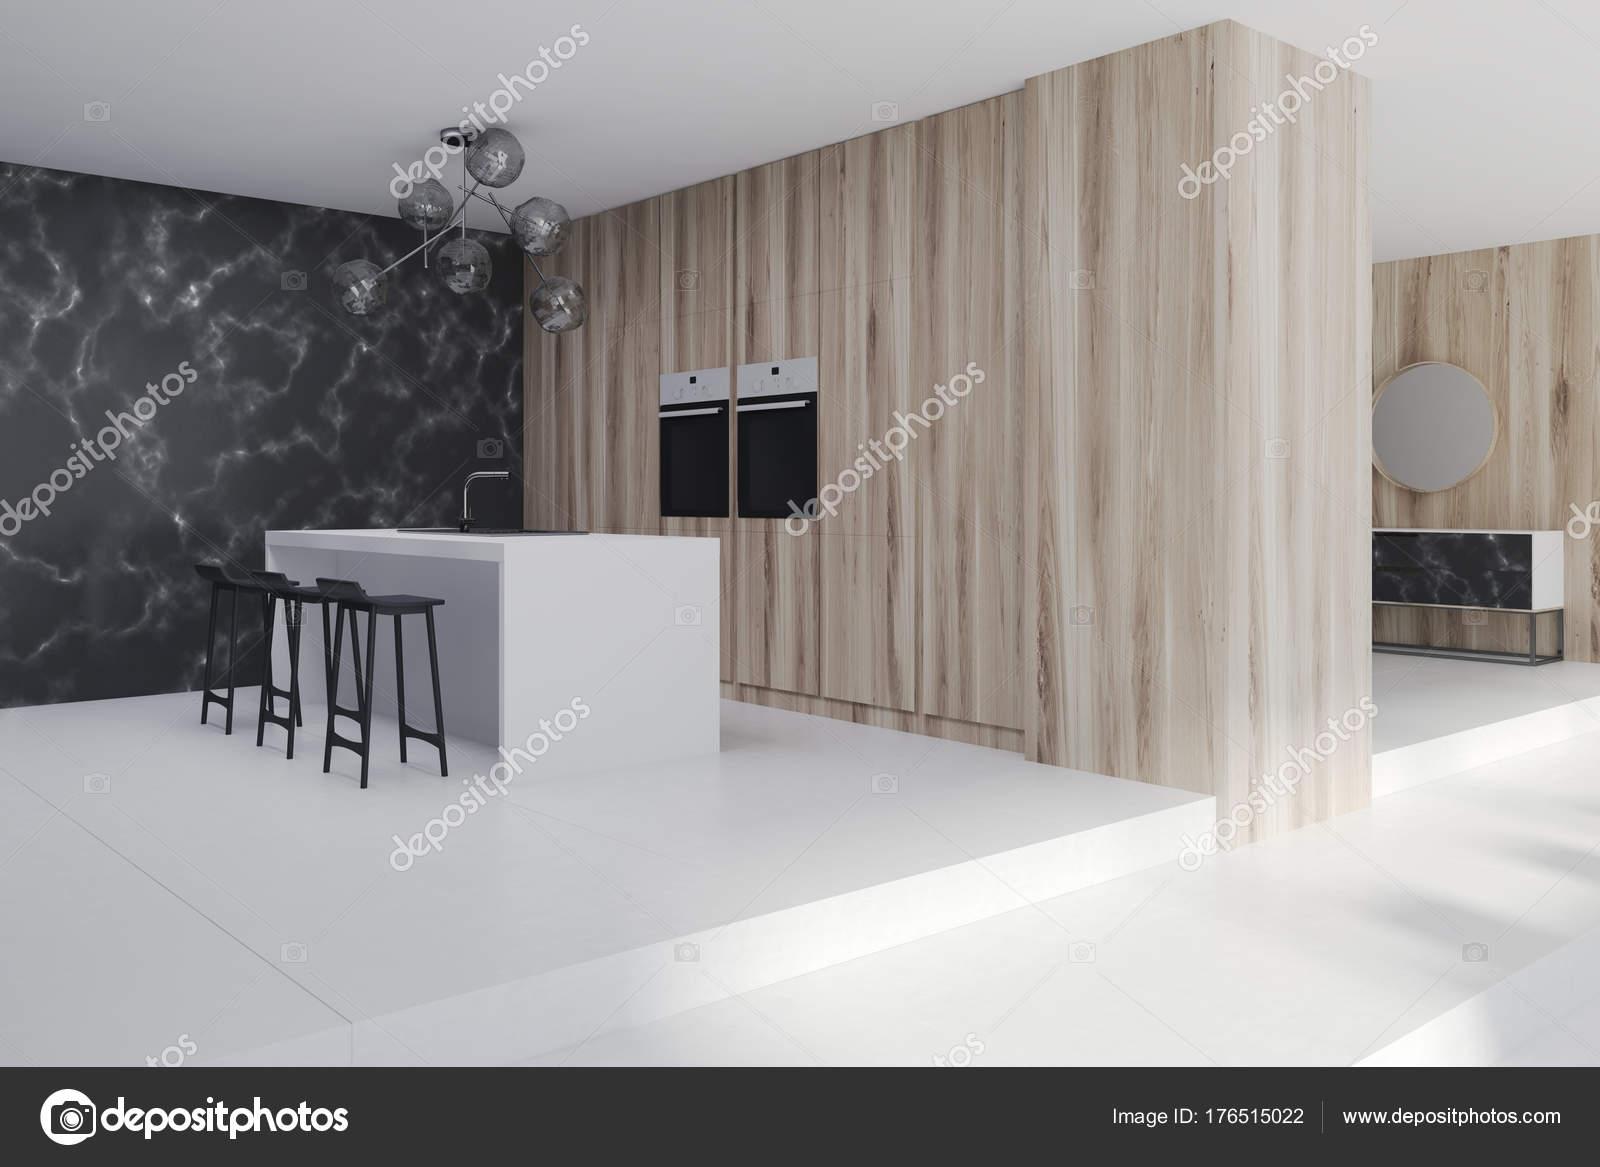 Marmer Zwart Keuken : Houten keuken met een bar kant zwarte marmer u2014 stockfoto